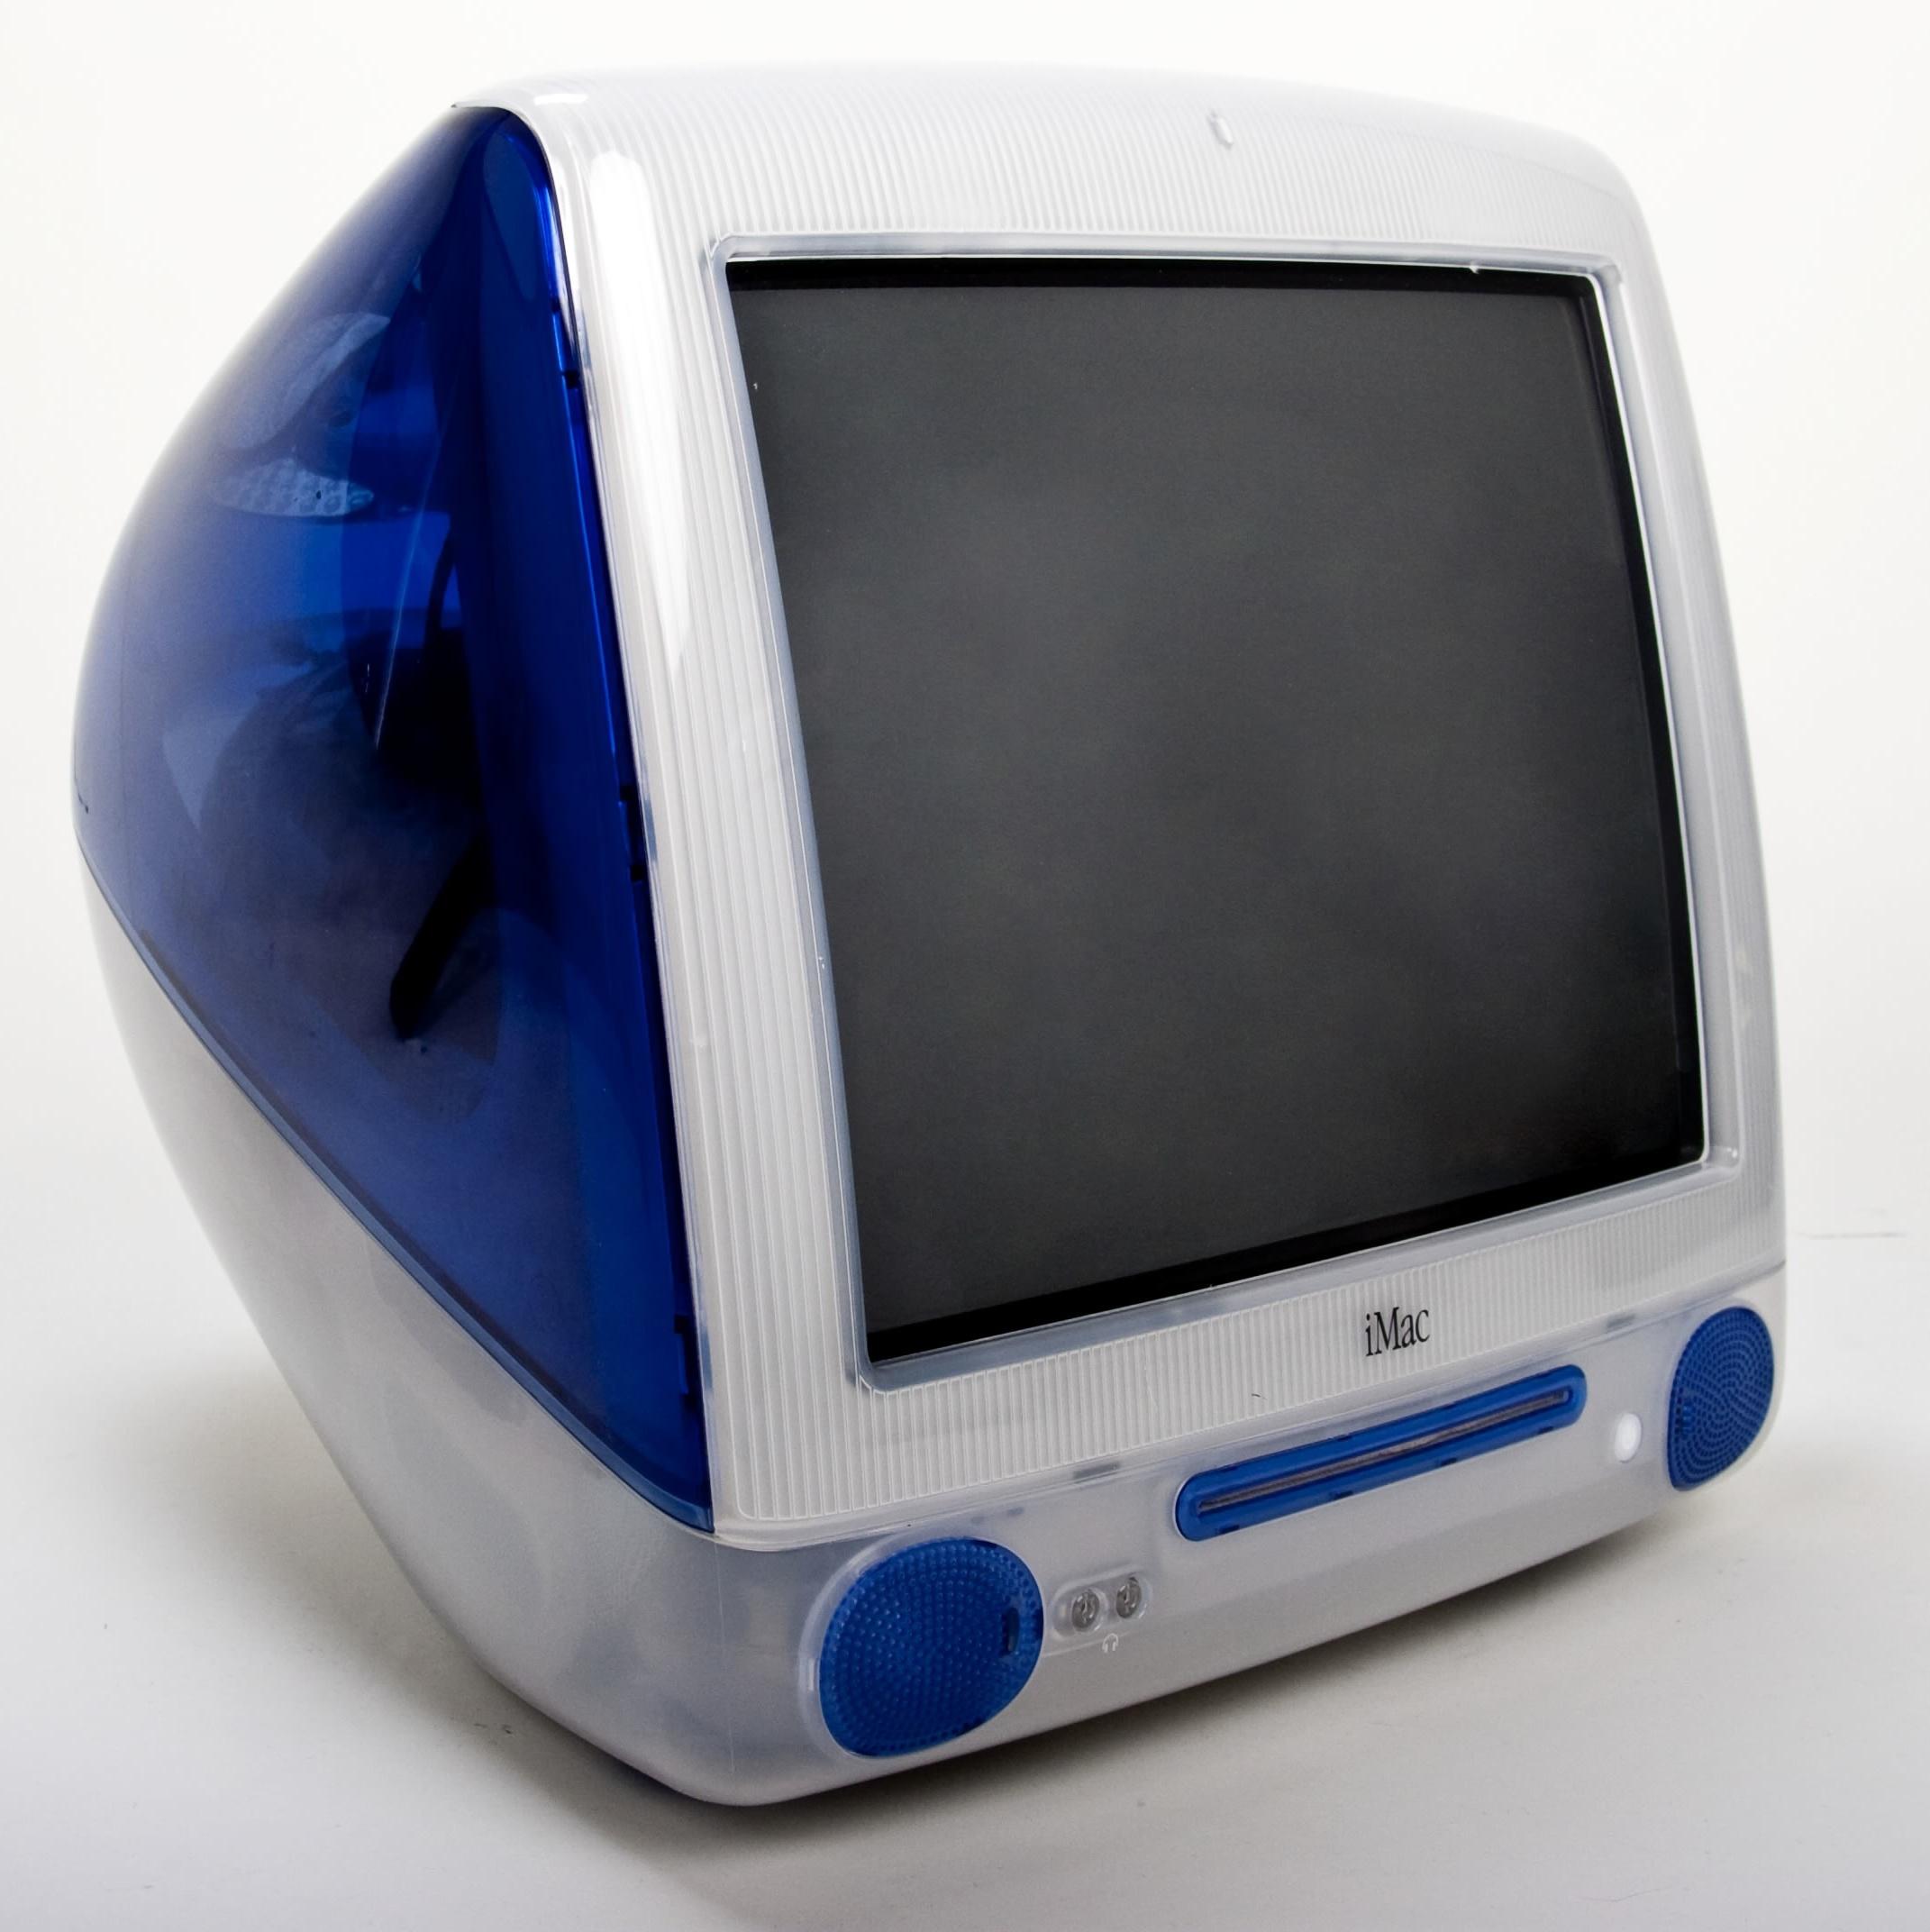 IMac G3 Indigo.jpg